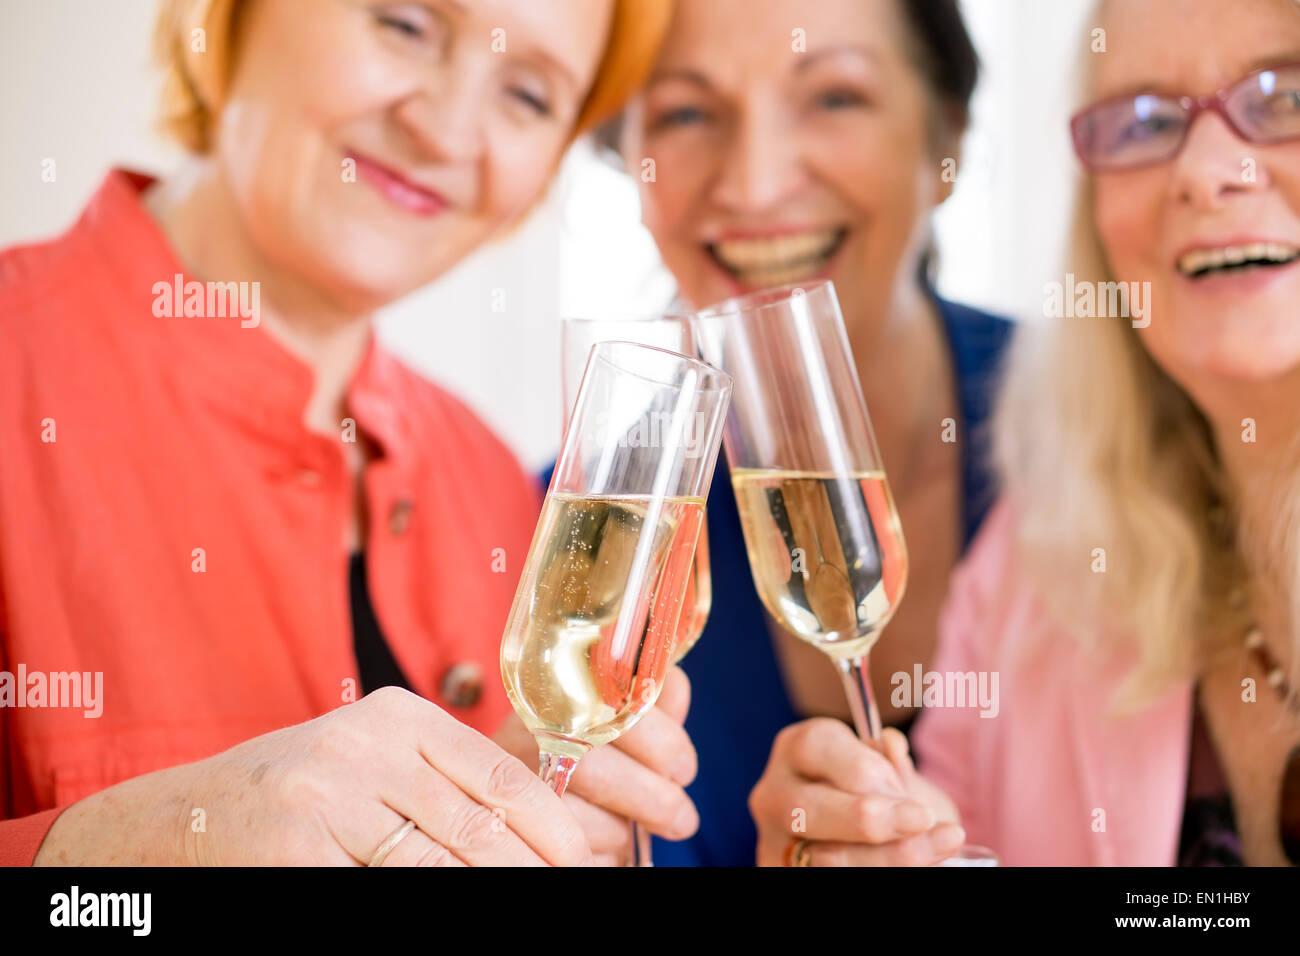 Tre sorridente Mom amici Tossing bicchieri di champagne per celebrare la loro amicizia. Catturate in macro. Immagini Stock